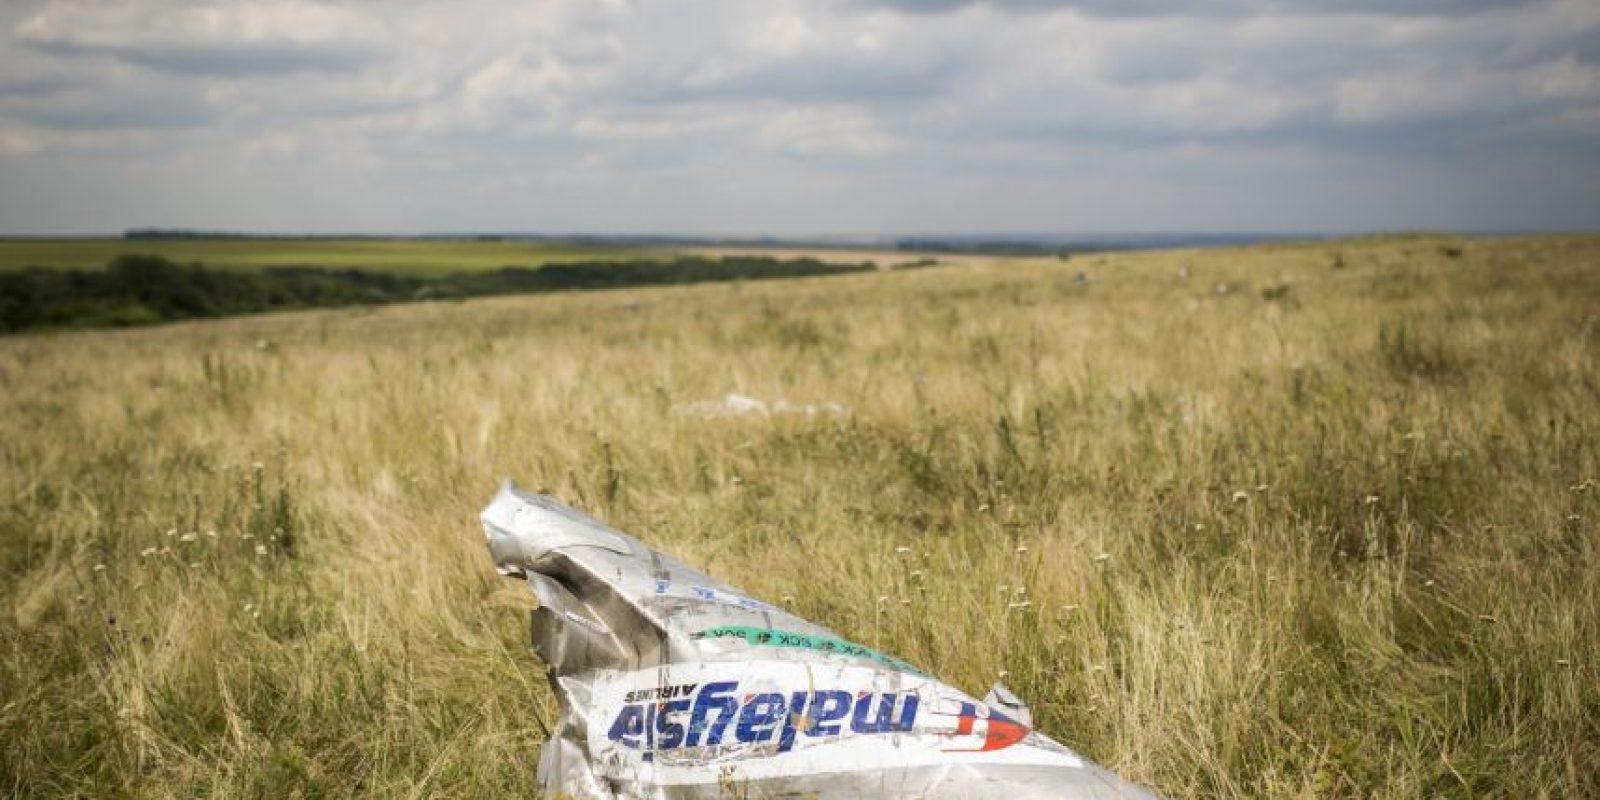 5. Vuelo MH17 de Malaysia Airlines. 295 personas murieron en el vuelo derribado en la frontera entre Ucrania y Rusia Foto:Getty Images